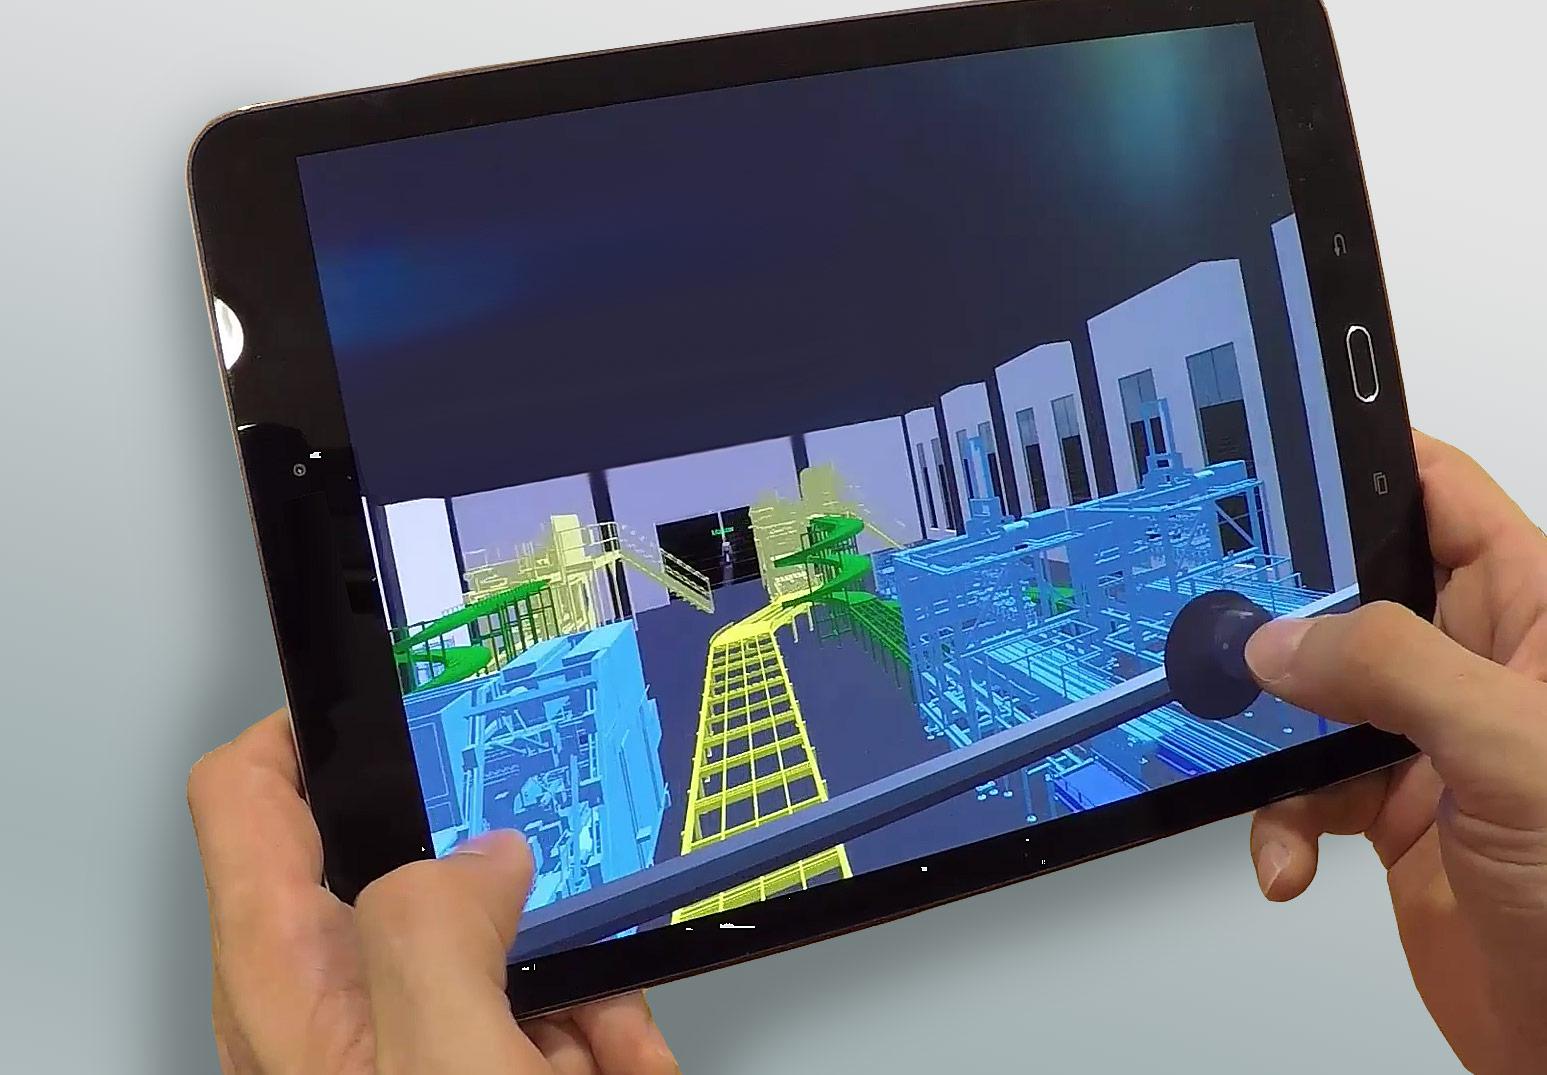 Virtuelle Realitaet (VR) auf einem Tablet